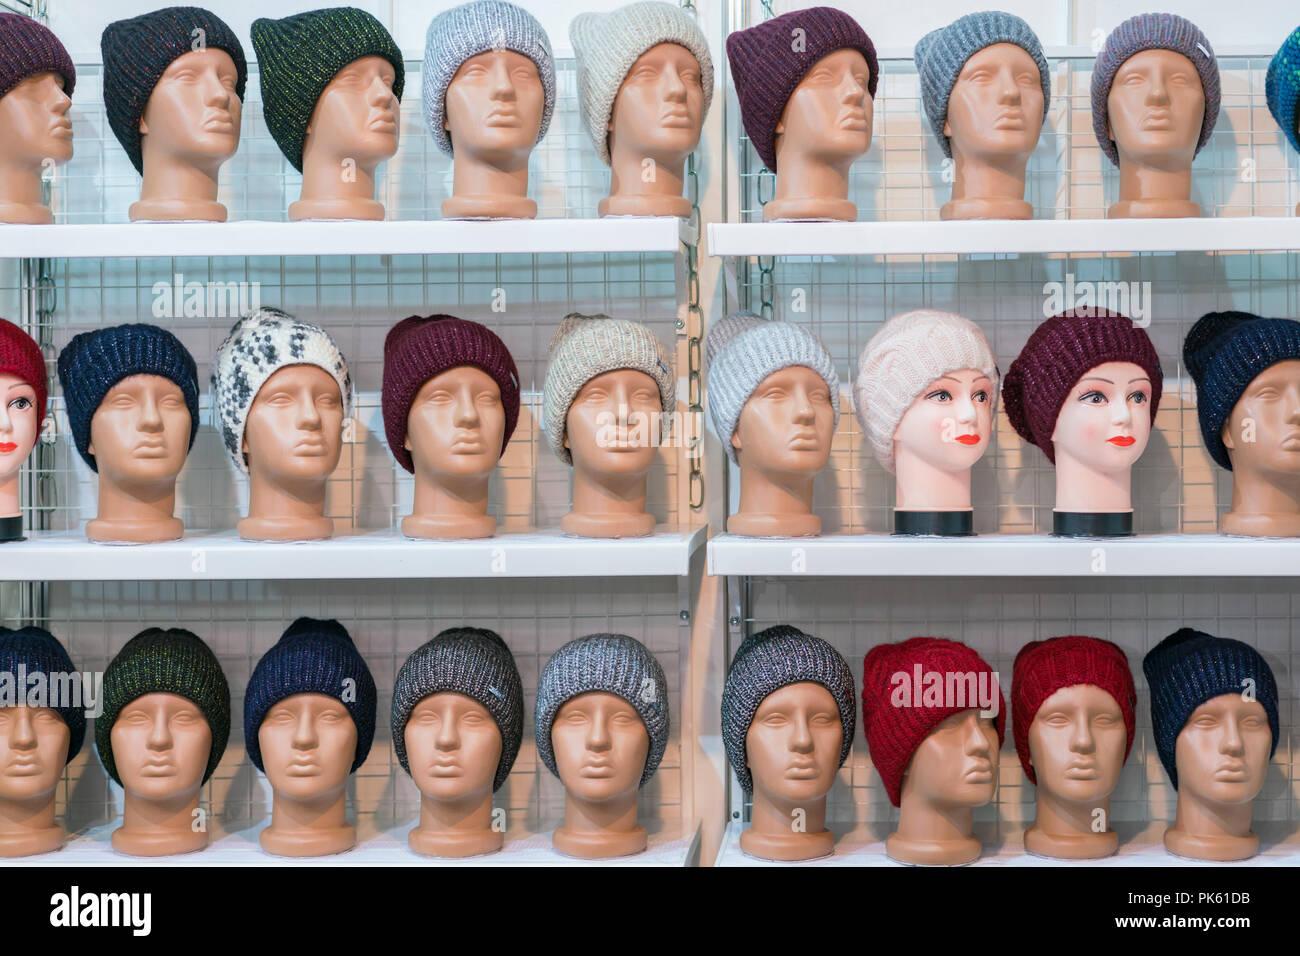 Woolen Hats Imágenes De Stock   Woolen Hats Fotos De Stock - Alamy 63059bf040f